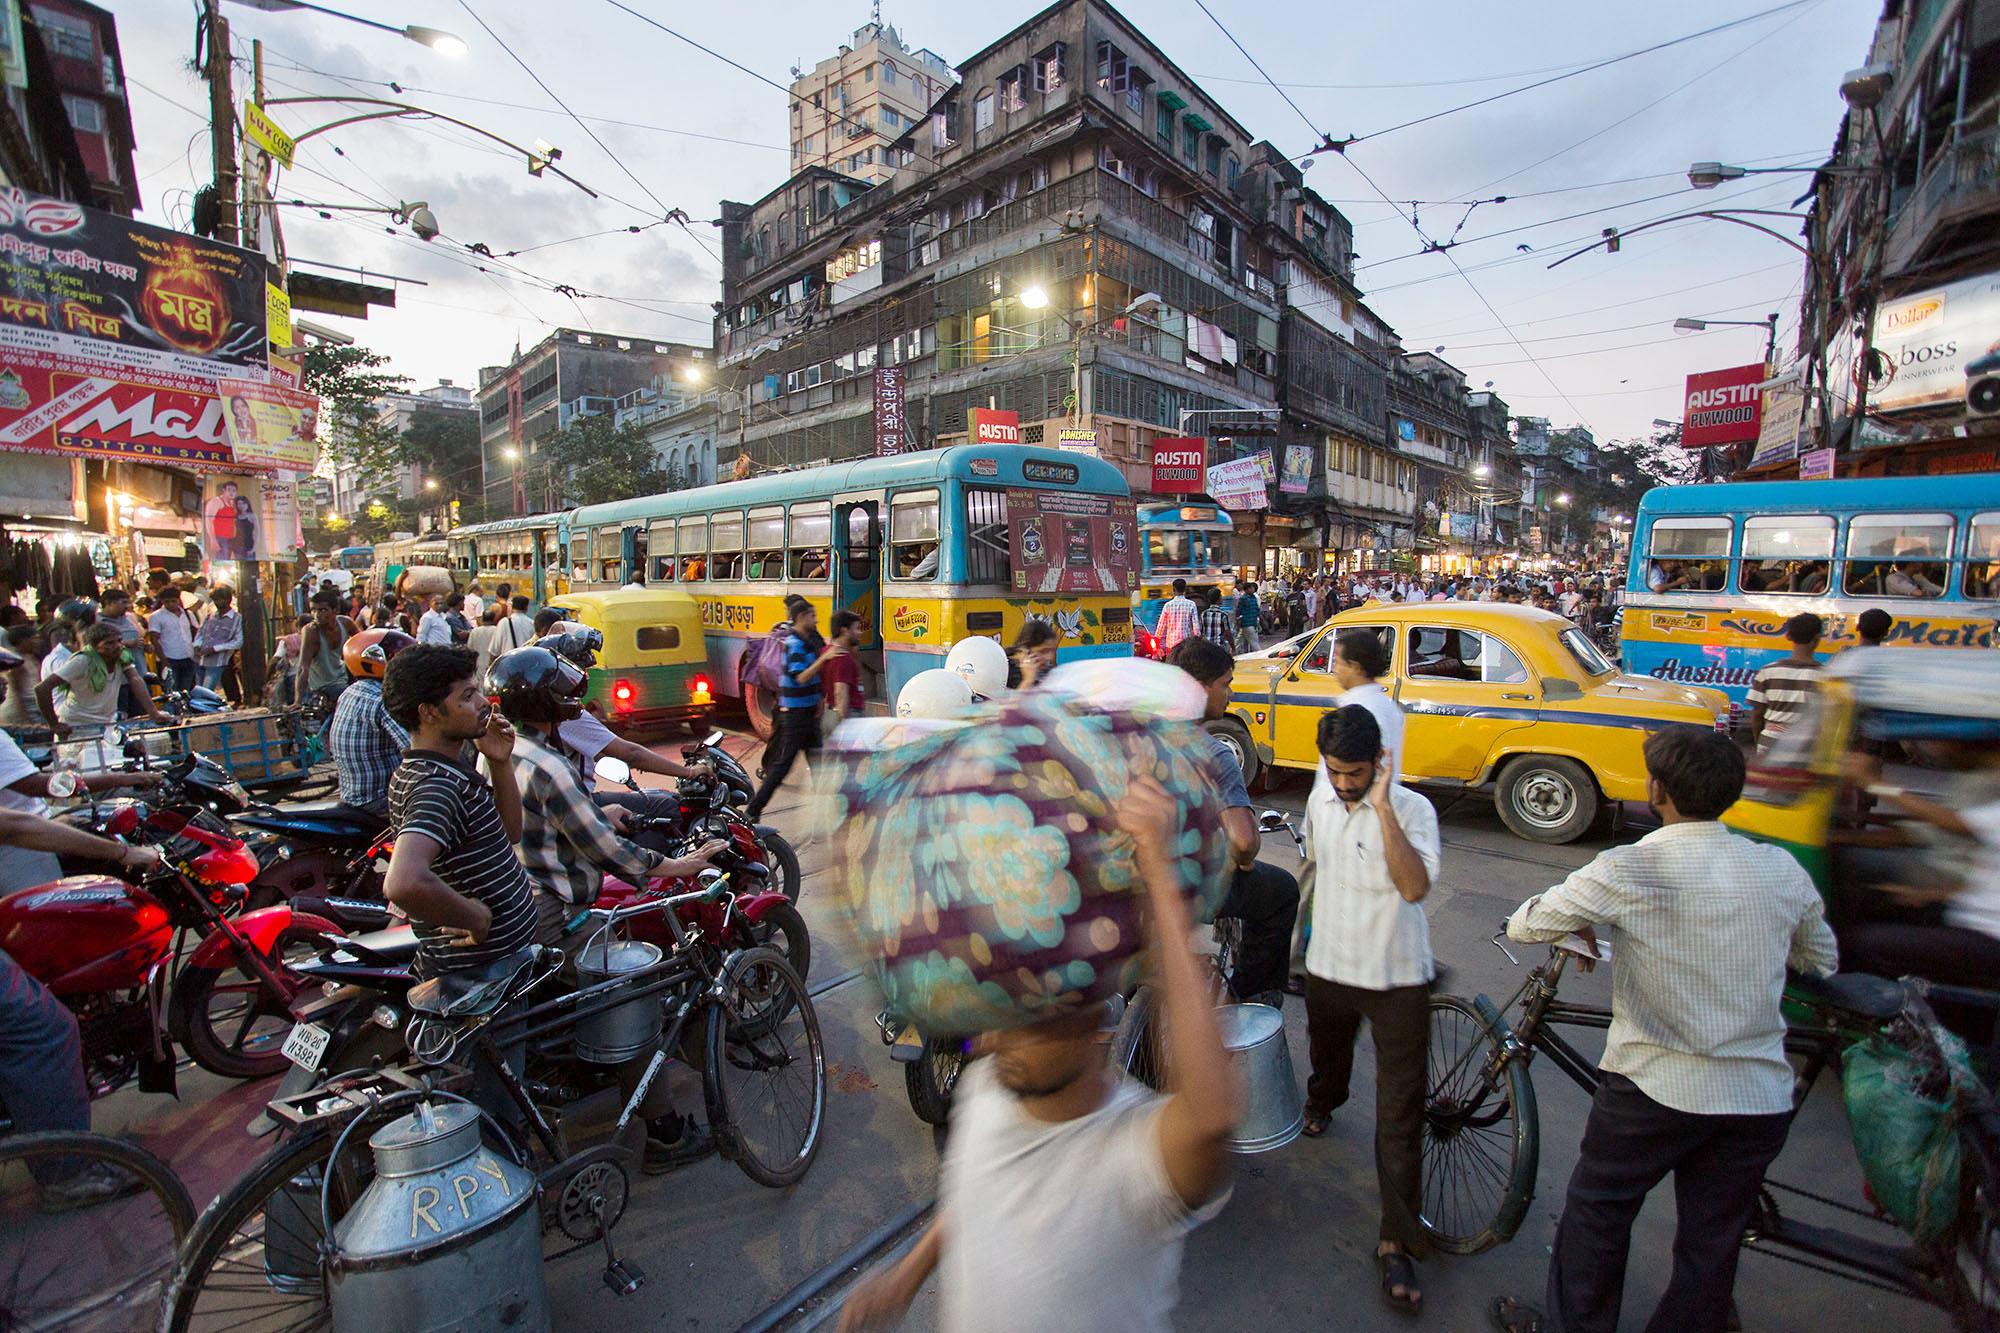 Calcutta traffic jam